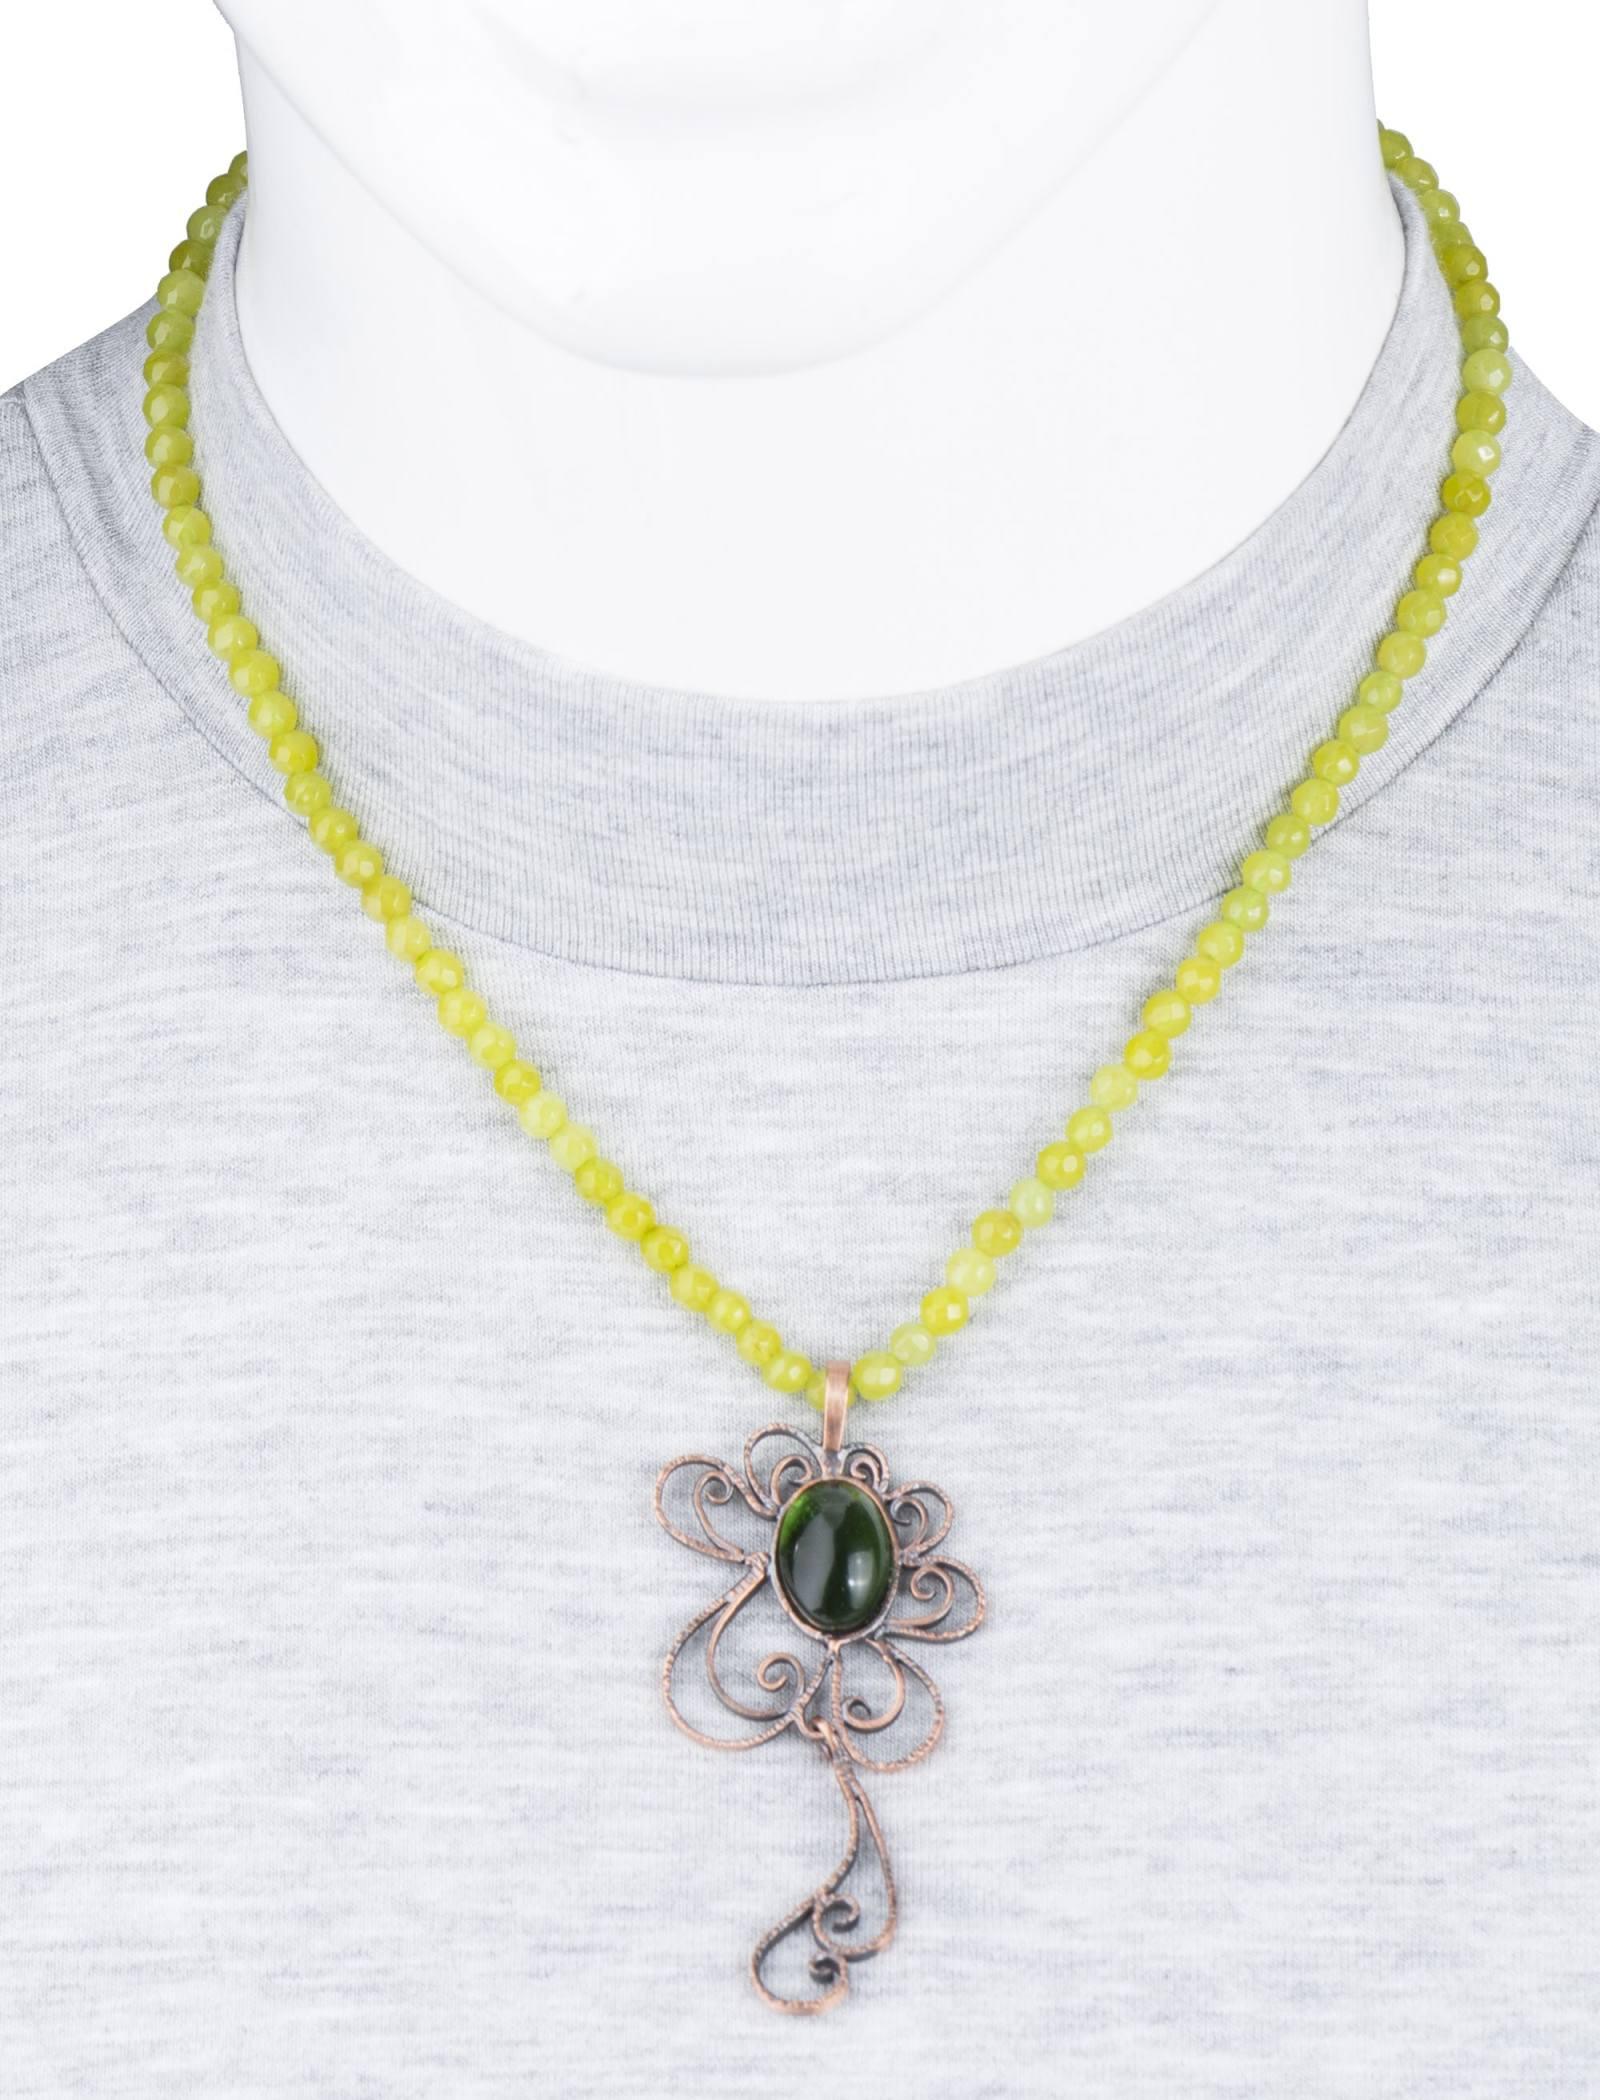 گردنبند آویز زنانه - زرمس تک سایز - سبز روشن - 4